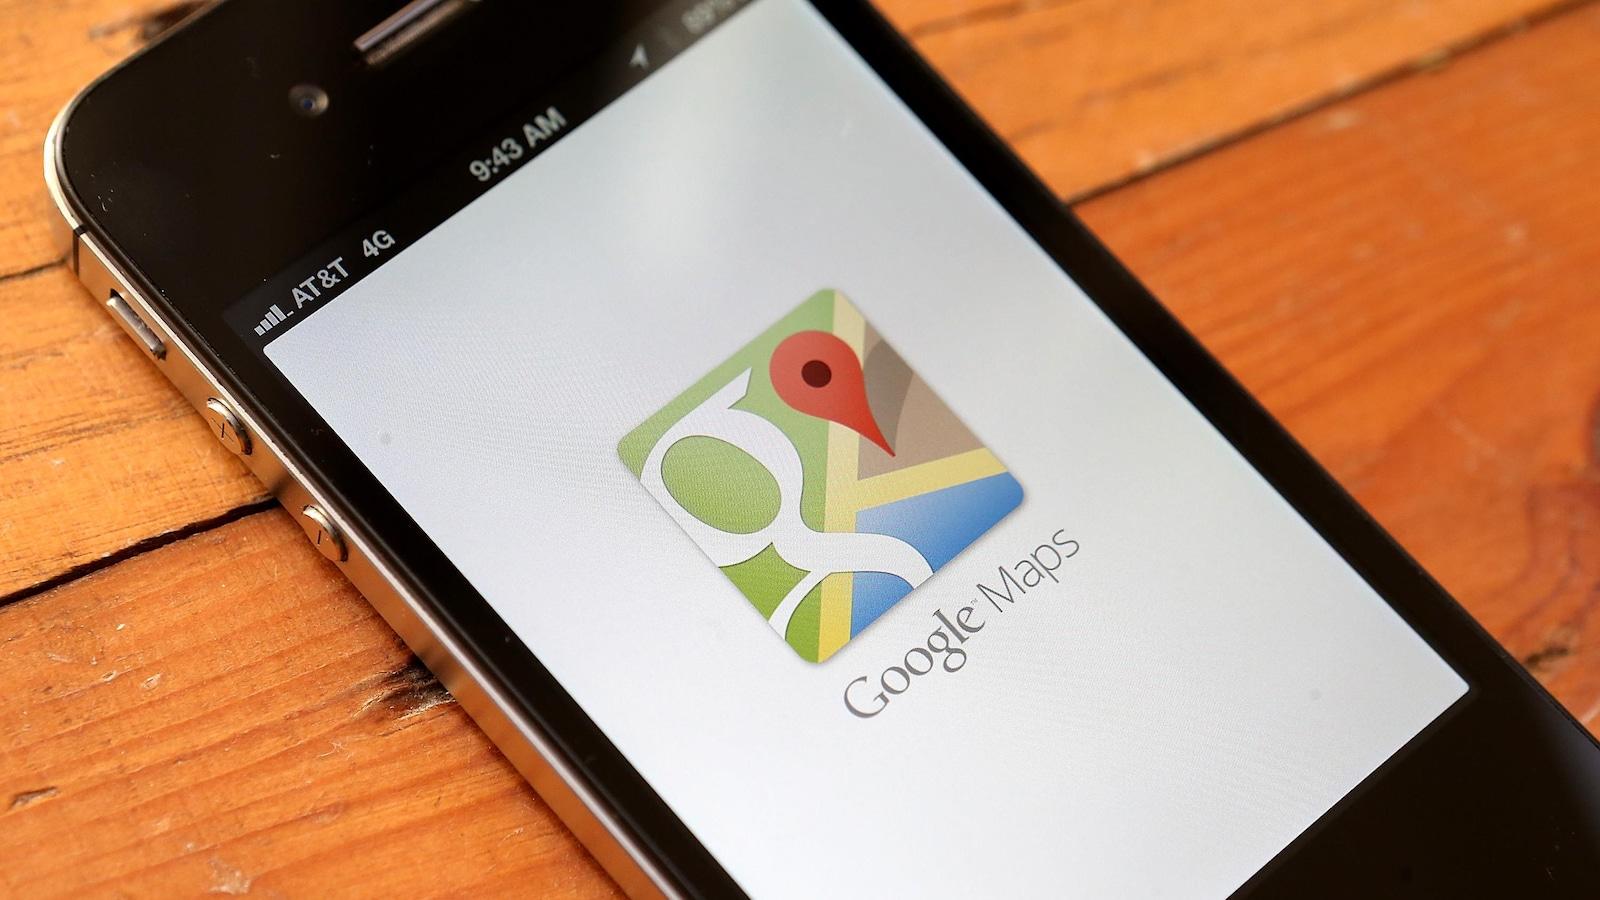 L'application Google Maps s'affiche sur un téléphone intelligent posé sur une table.